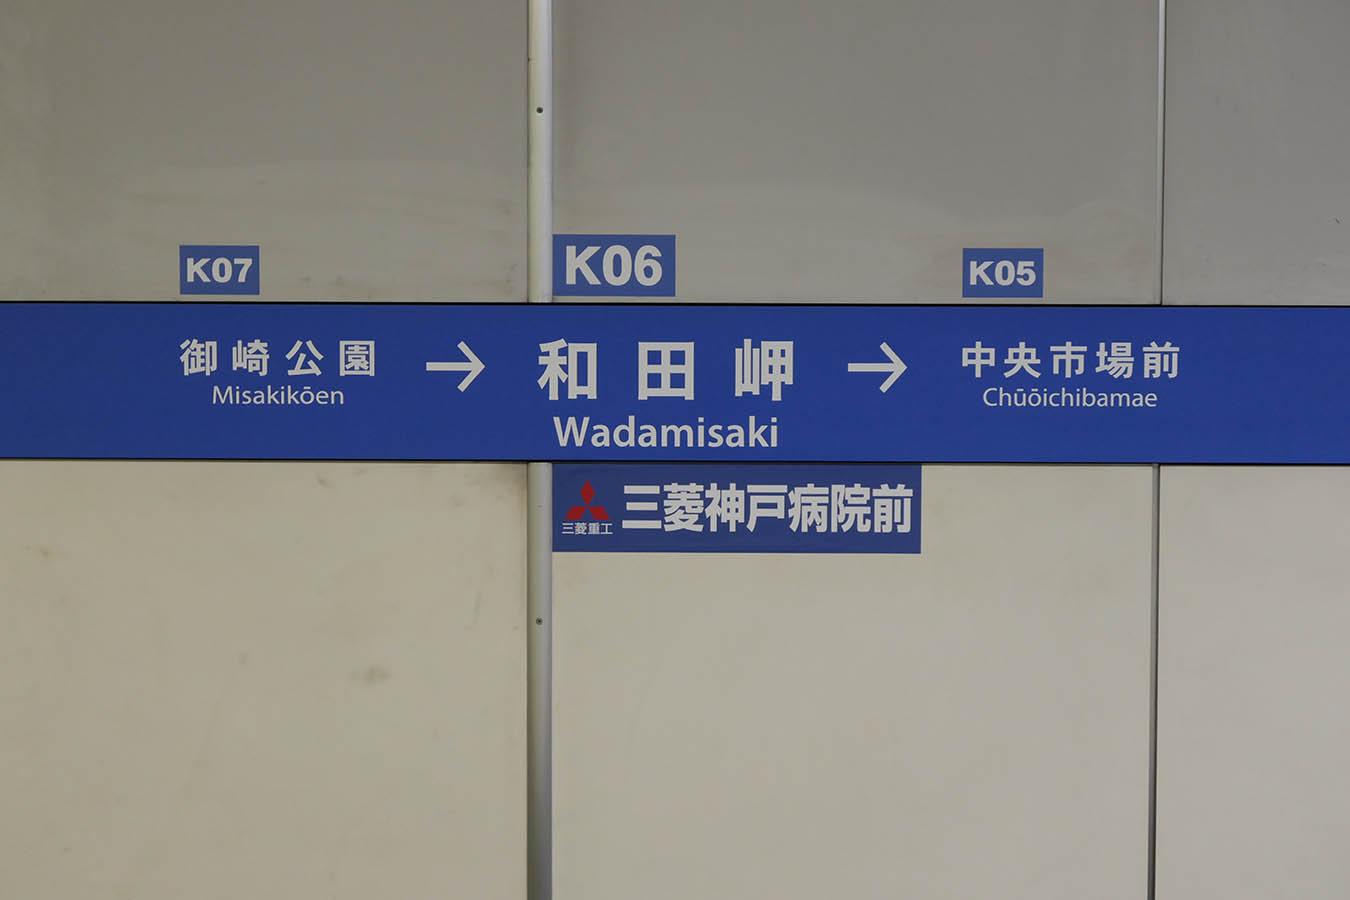 K06_photo04.jpg